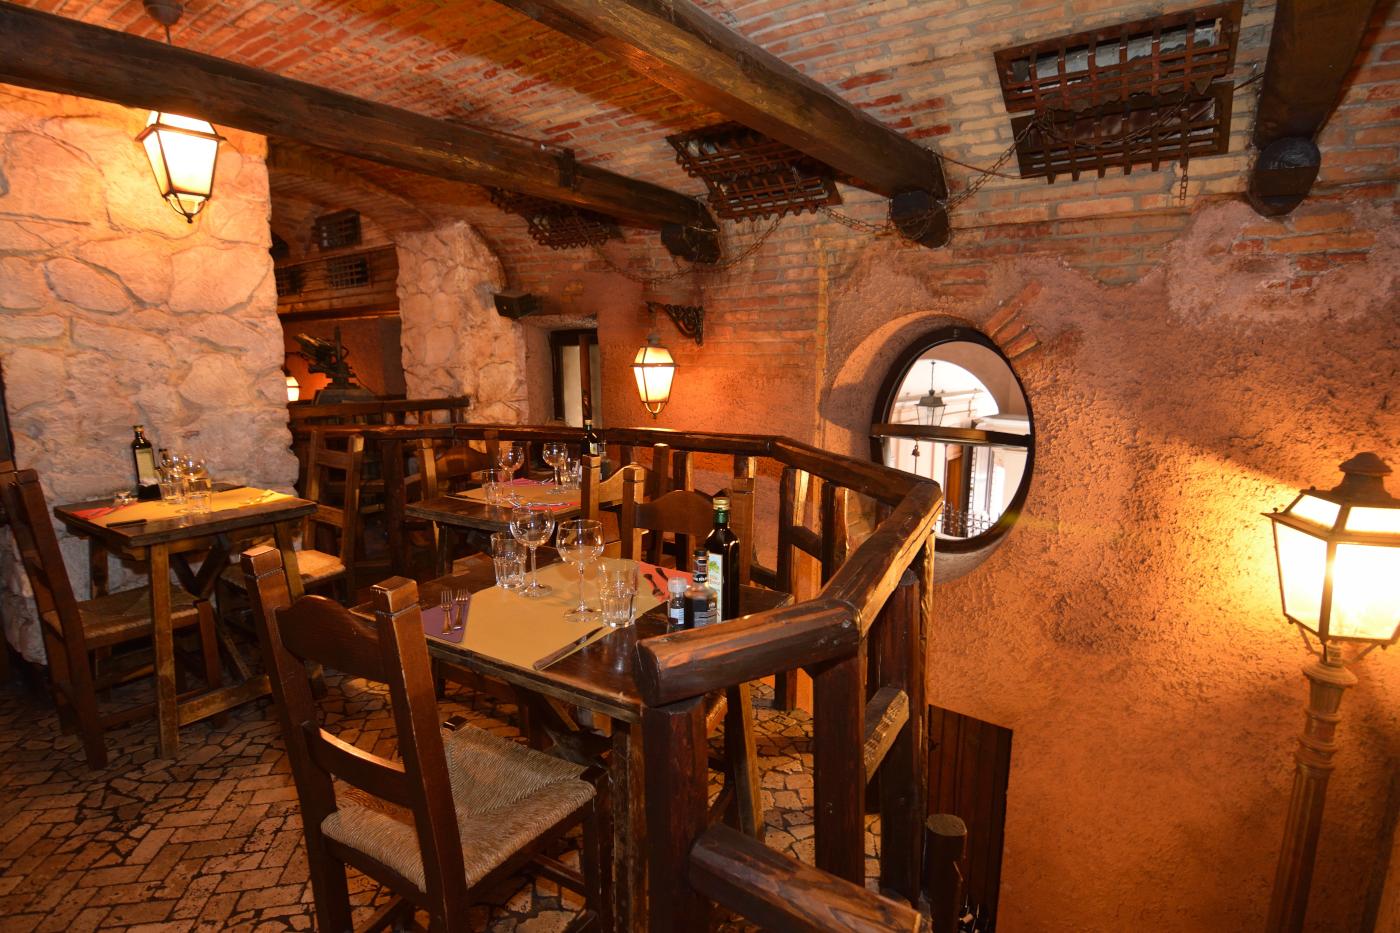 Cucina tipica romana roma centro - Cucina romana roma ...